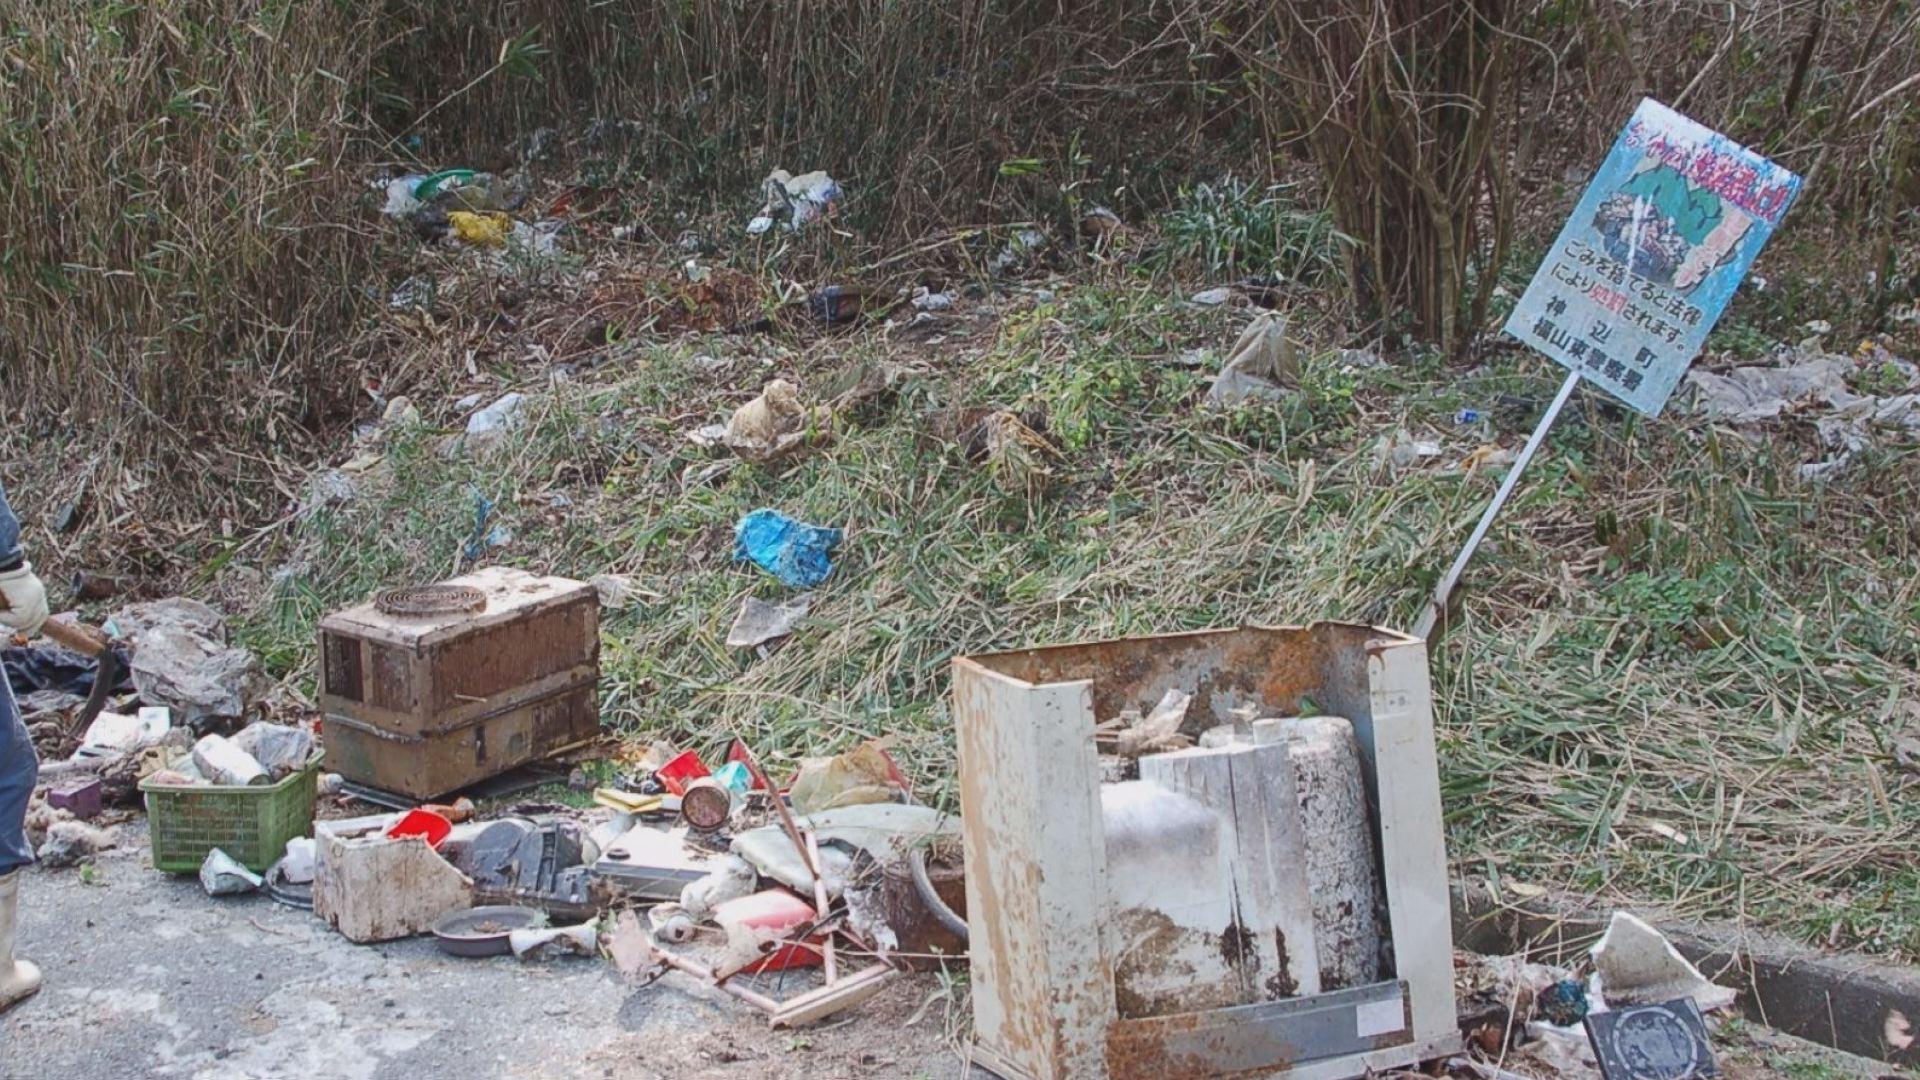 不法投棄されたゴミ(画像提供:堂々川ホタル同好会)